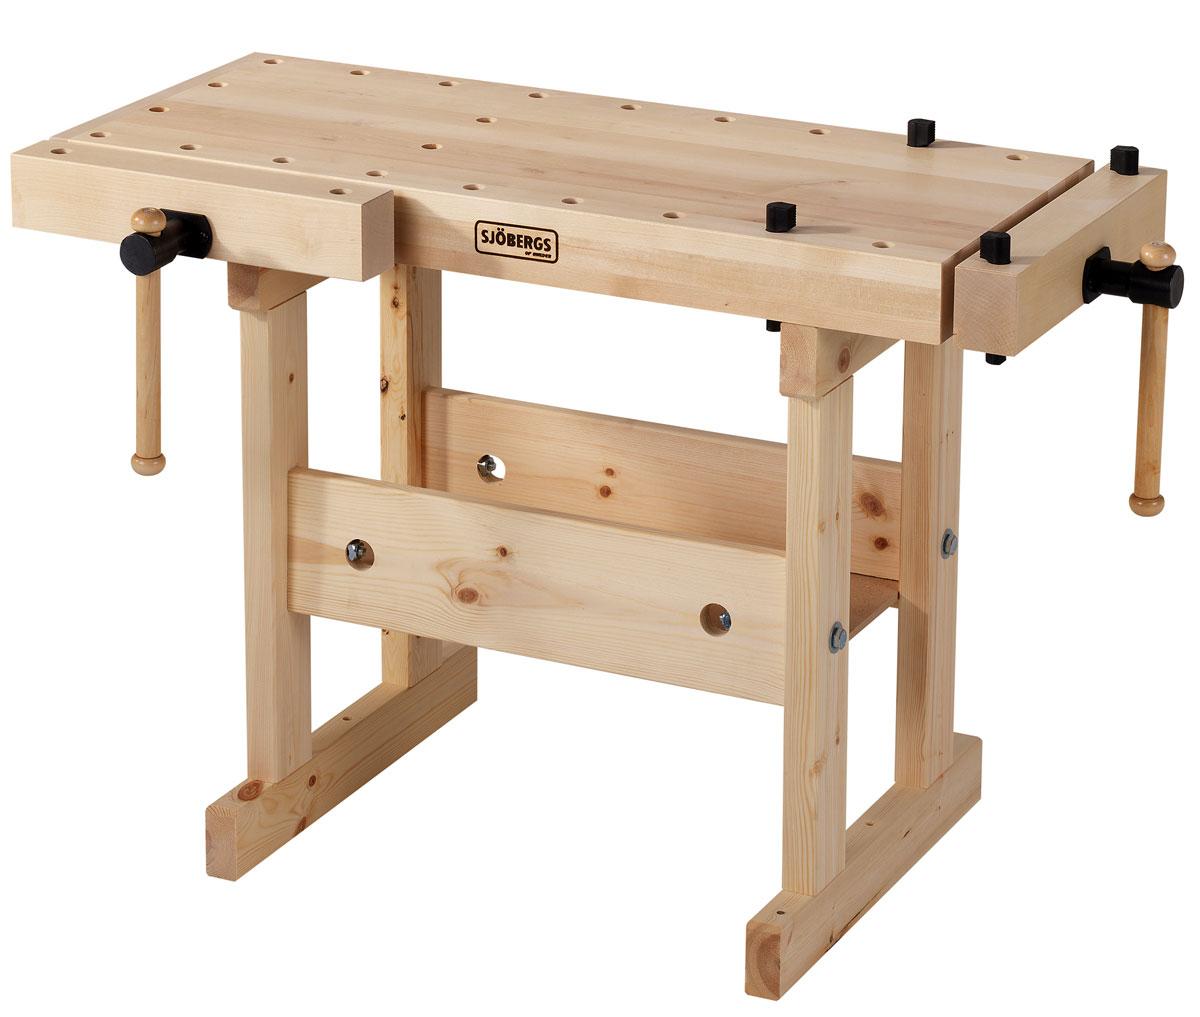 Für Kinder geeignete Werkzeuge - Werkbank